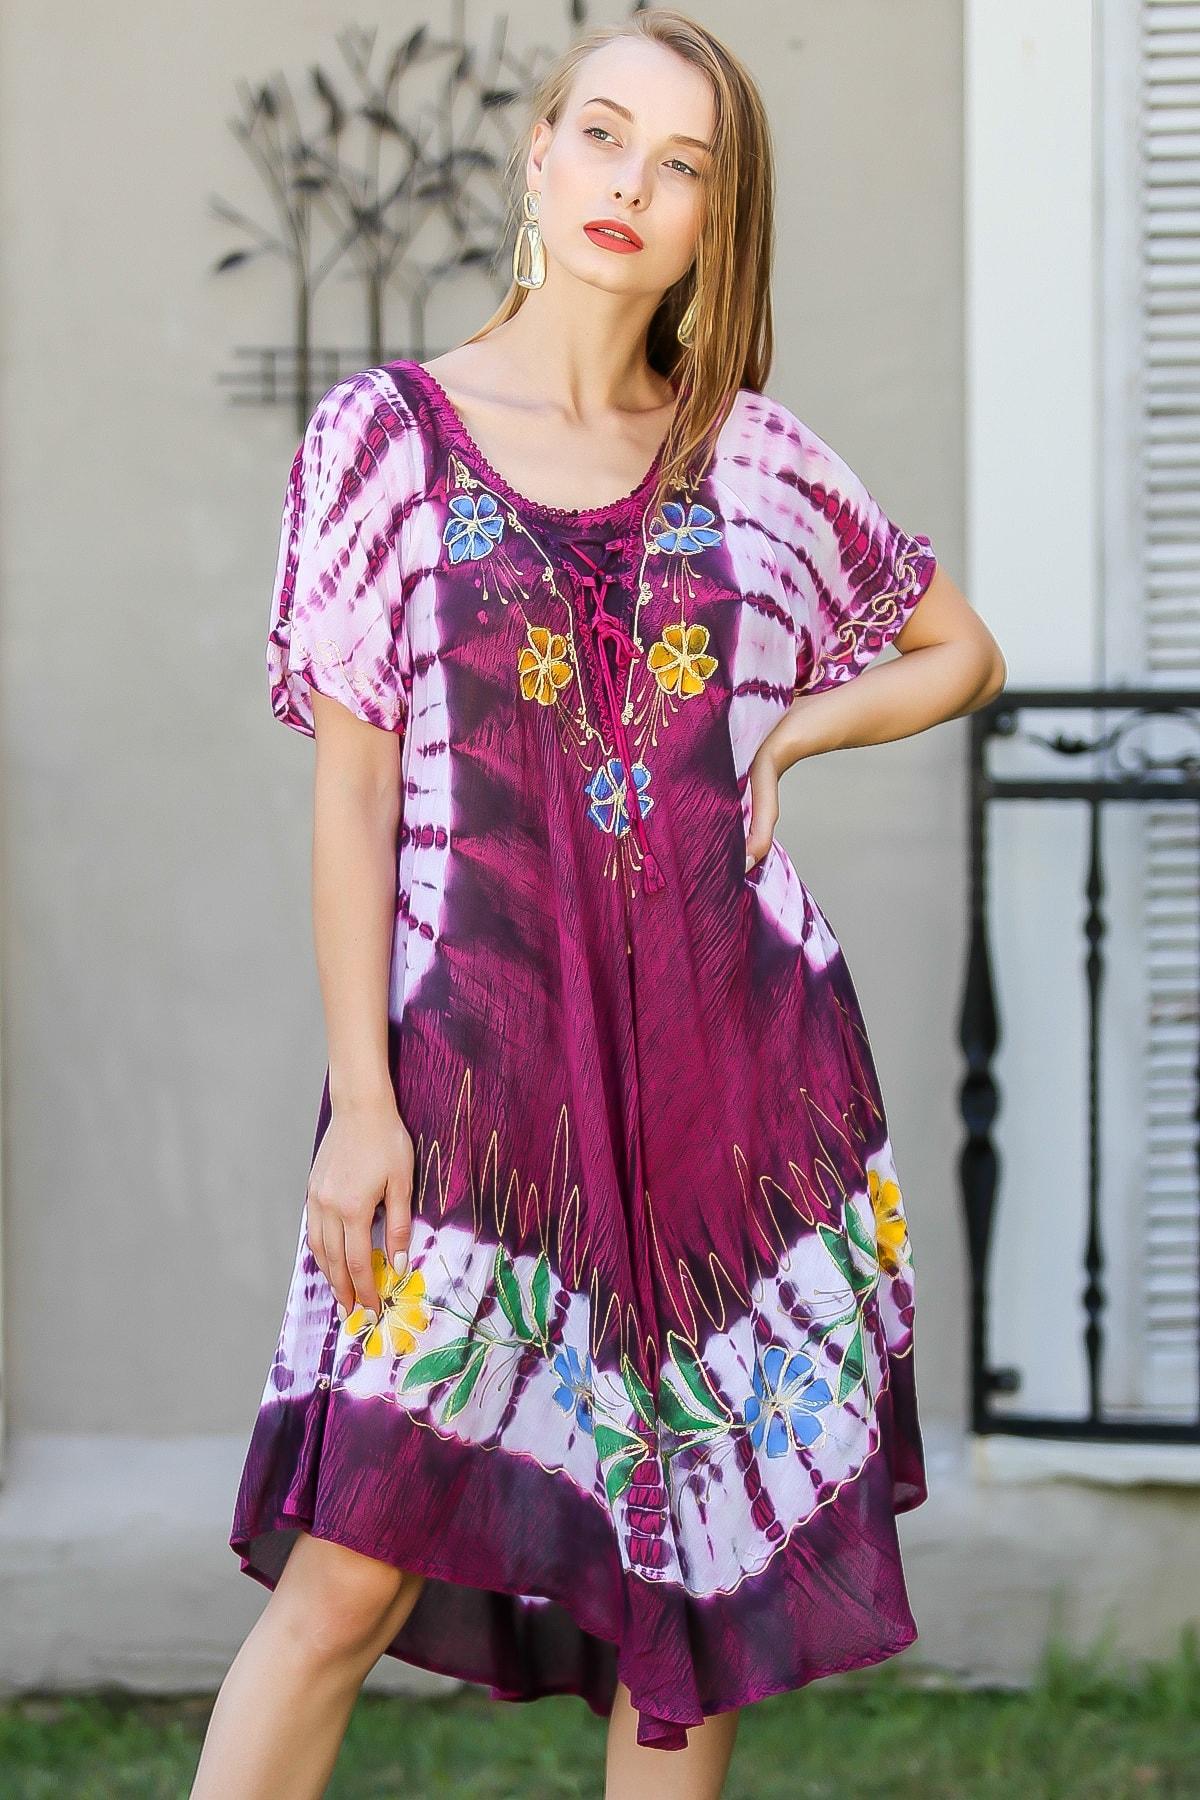 Chiccy Kadın Fuşya Bohem Batik Desenli Çiçek Nakış Detaylı Elbise M10160000EL96421